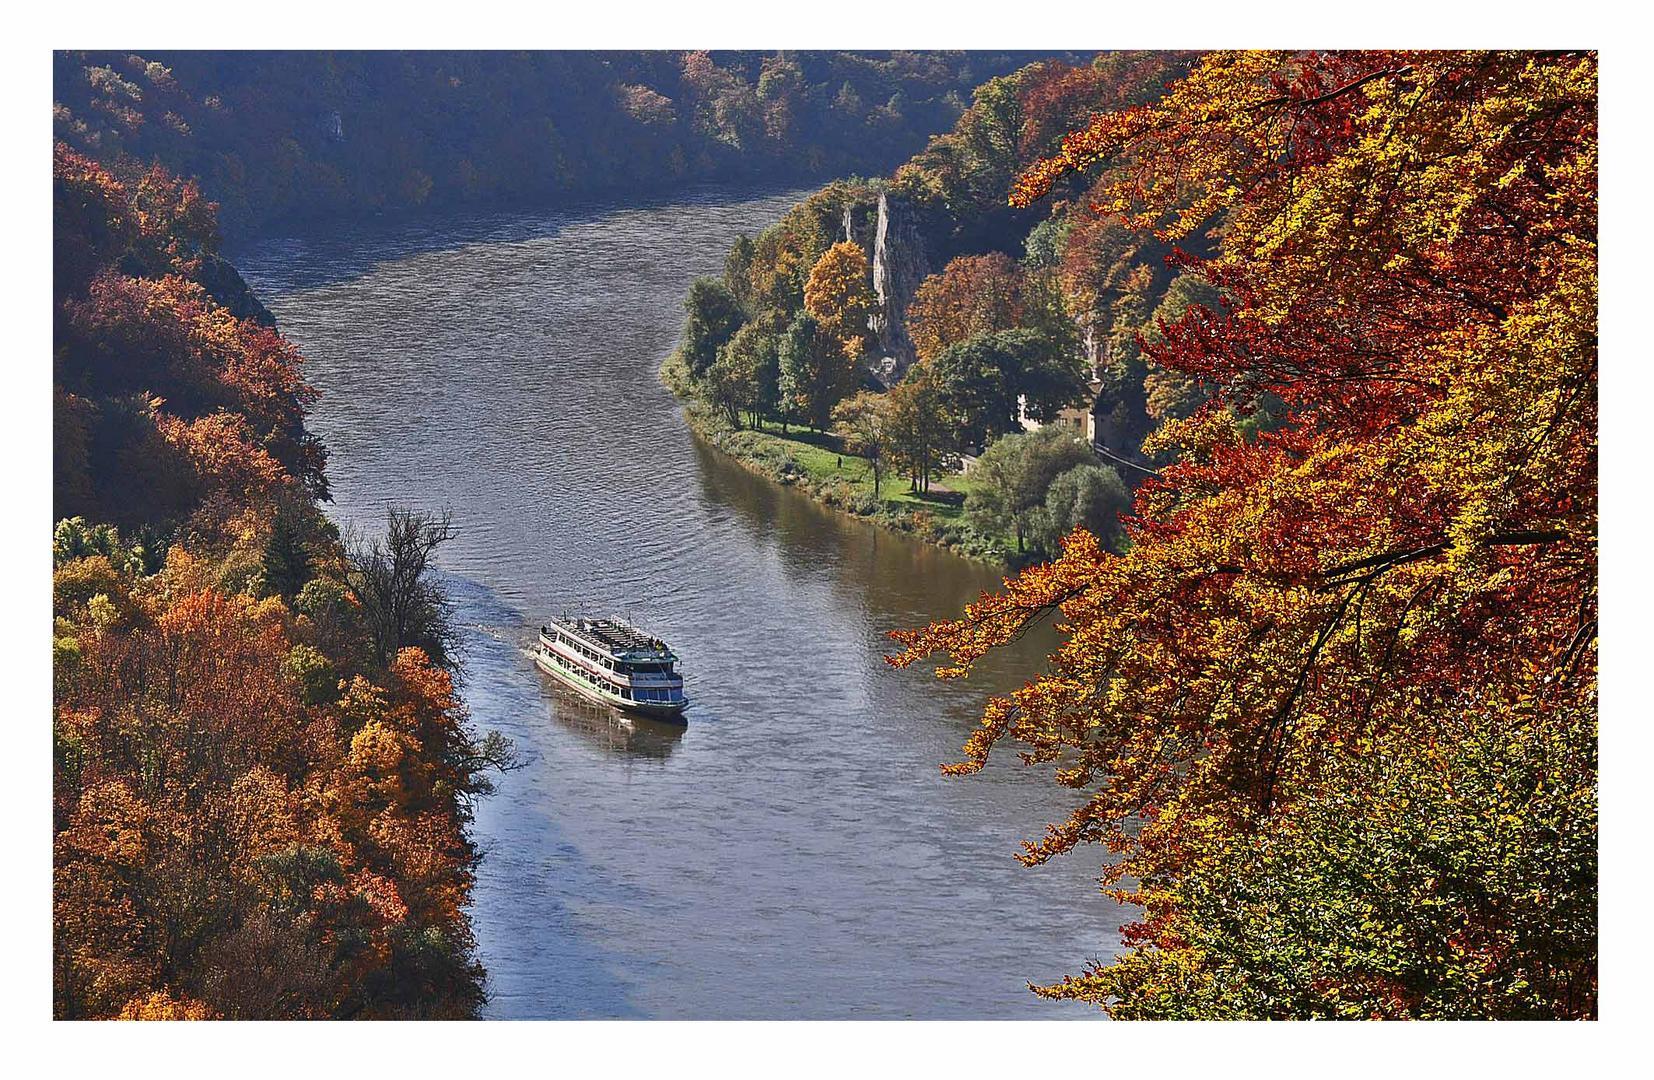 Ausflugsfahrt auf der Donau durch die Weltenburger Enge